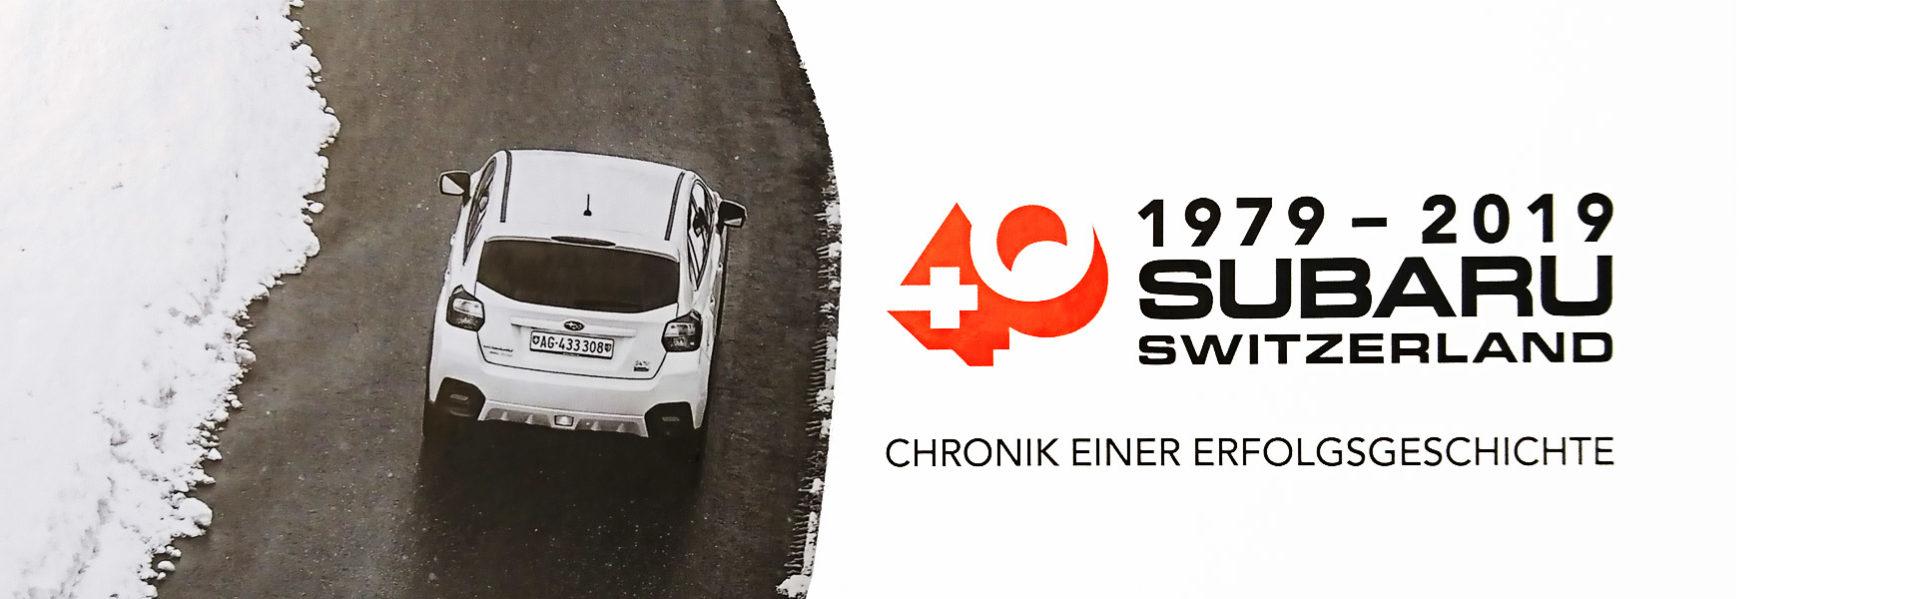 Subaru bewegt und begeistert seit 40 Jahren mit 4x4 Technik